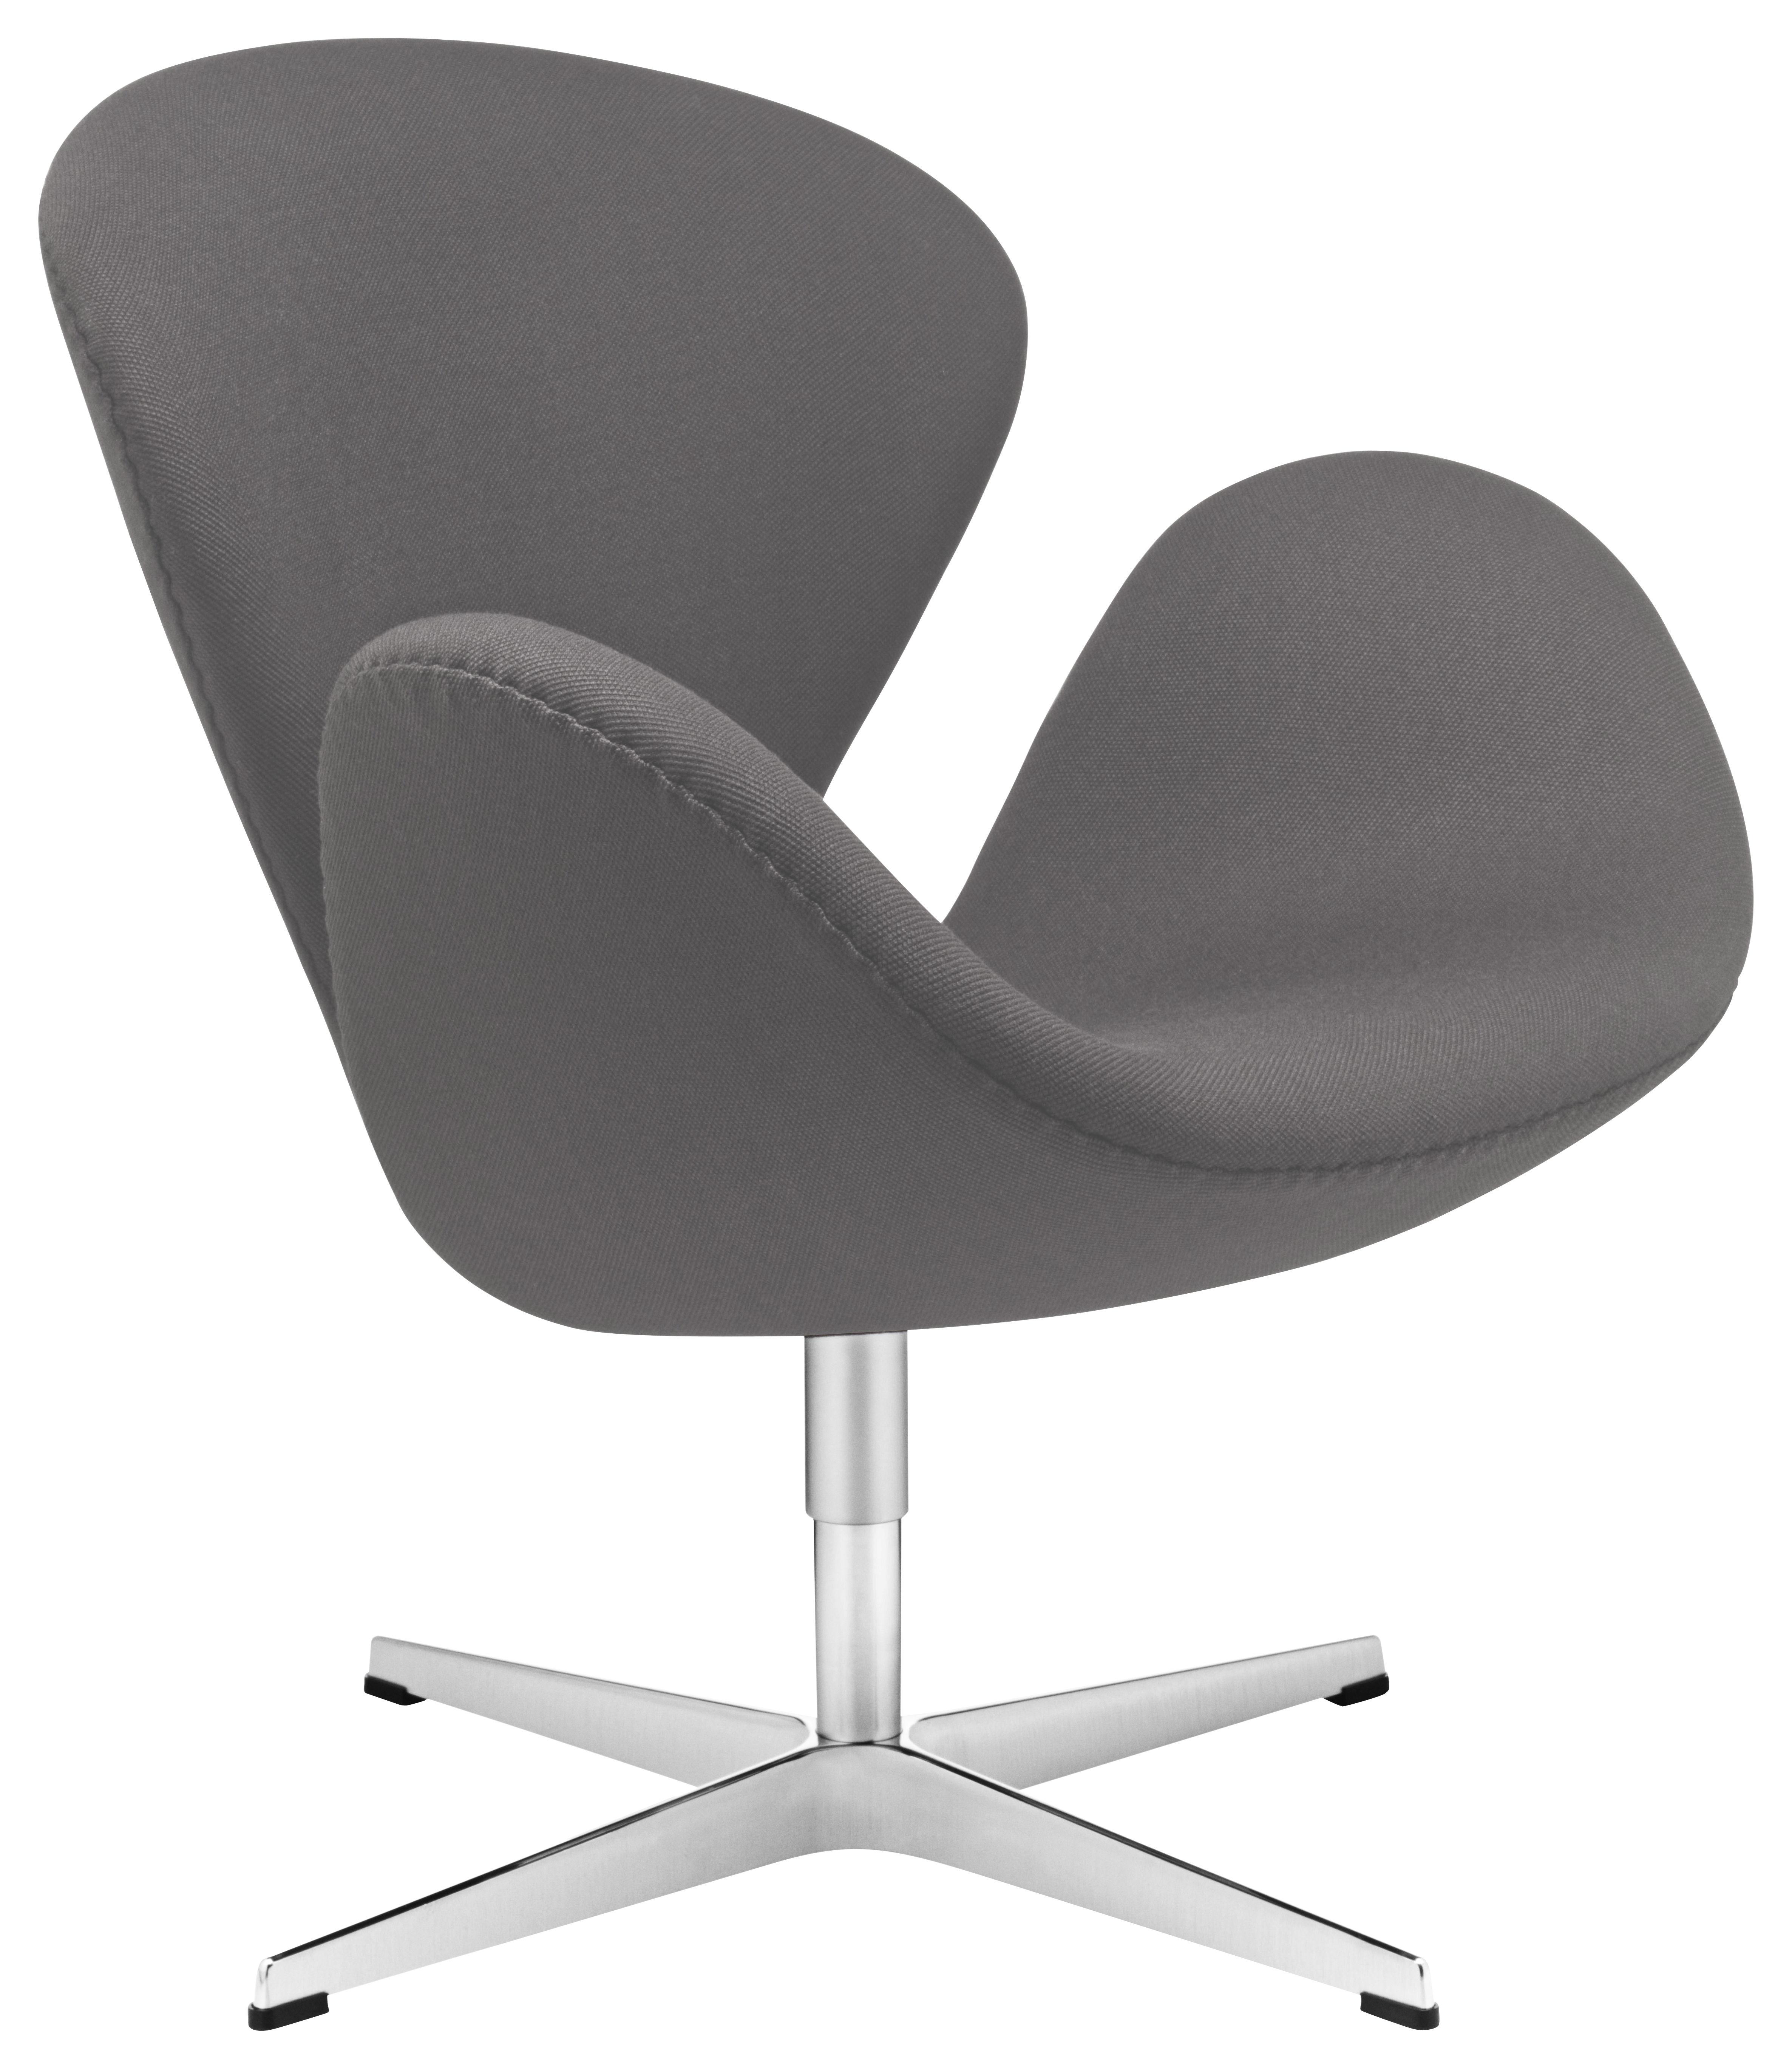 Fauteuil pivotant swan chair rembourr tissu gris fonc fritz hansen - Fauteuil pivotant gris ...